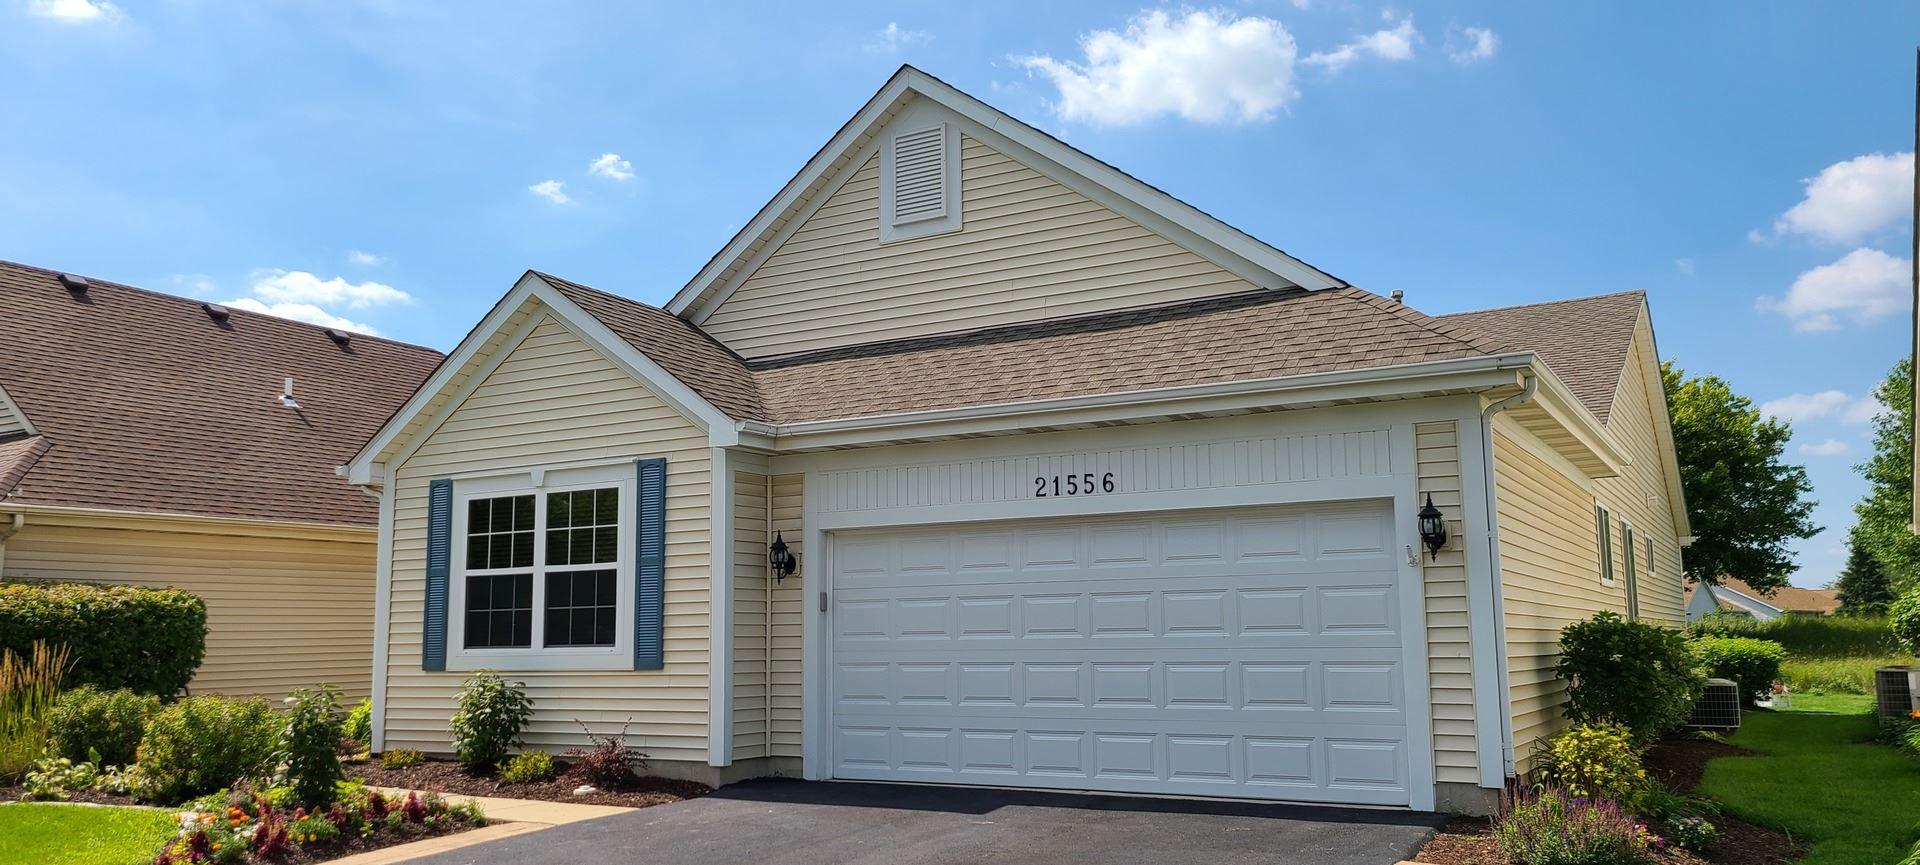 21556 W Larch Drive, Plainfield, IL 60544 - #: 10802739